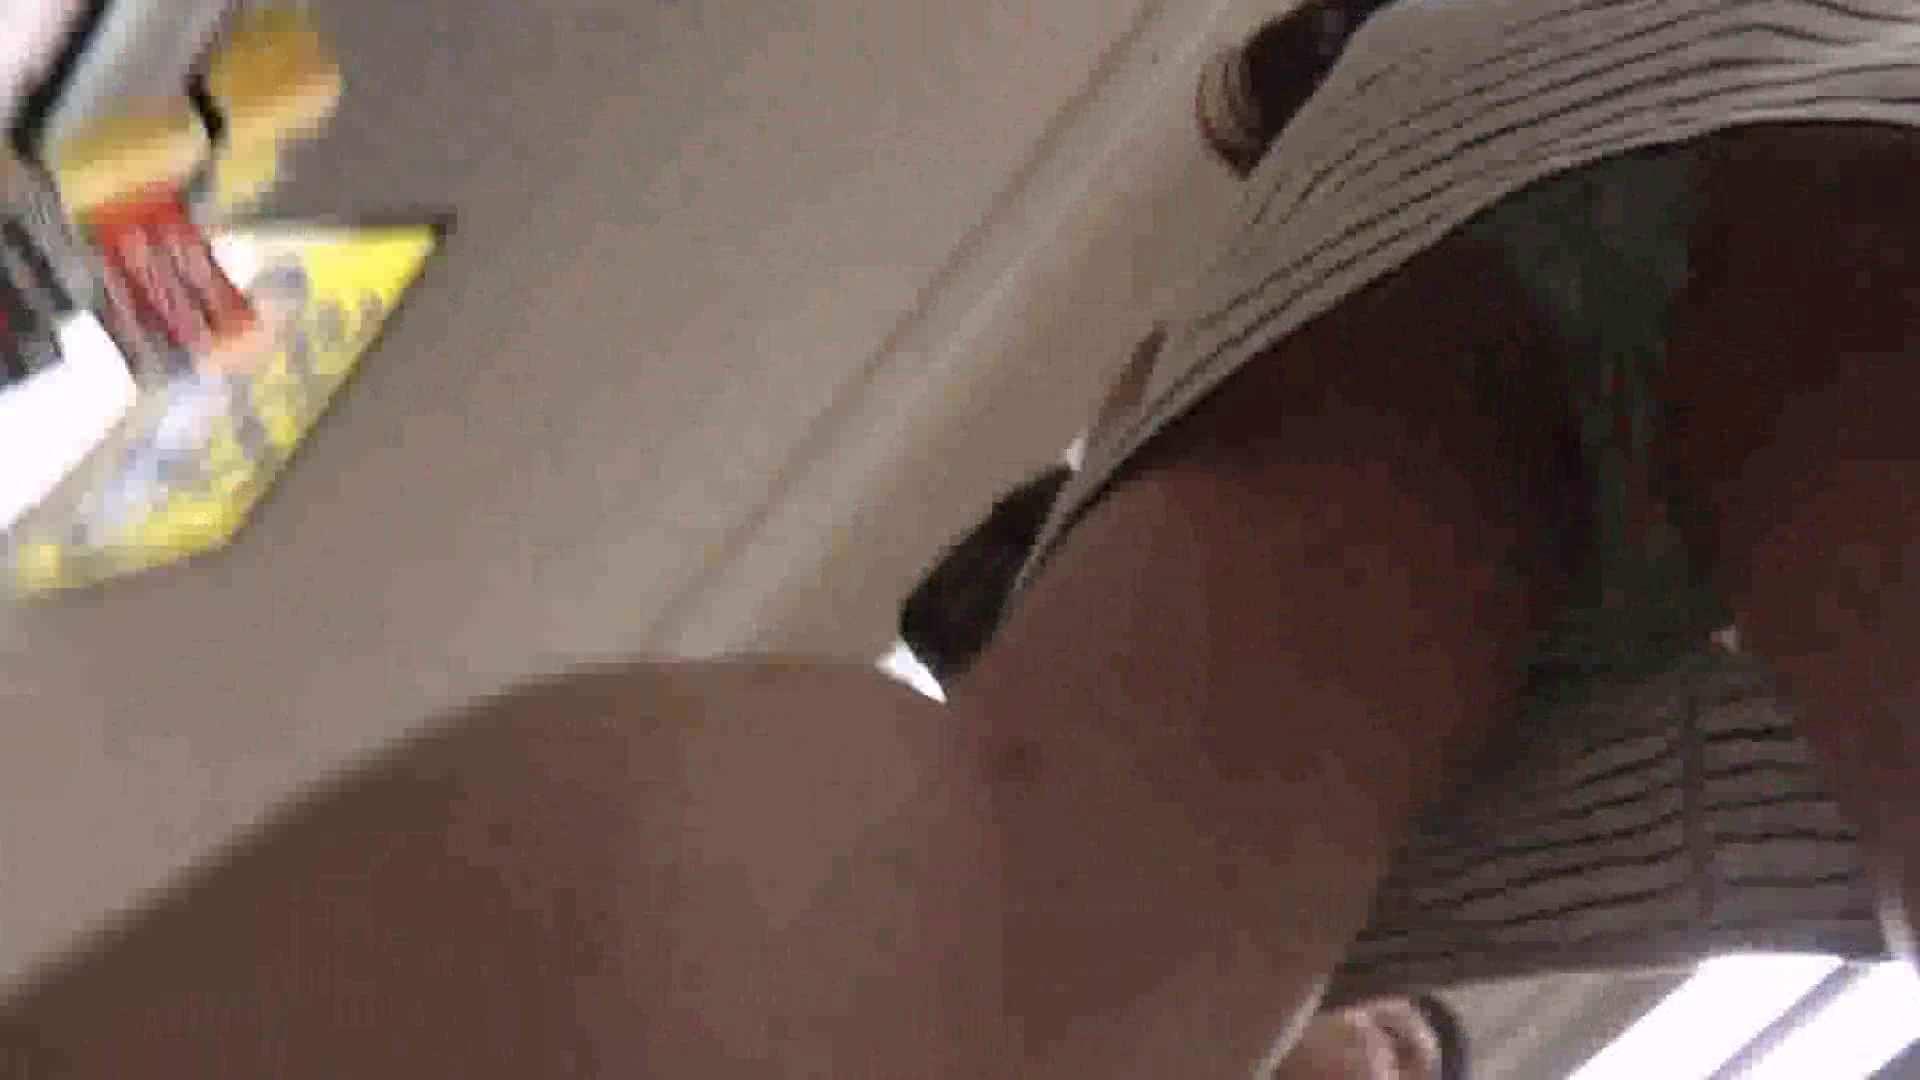 真剣に買い物中のgal達を上から下から狙います。vol.01 OL裸体 | チラ系  99画像 38